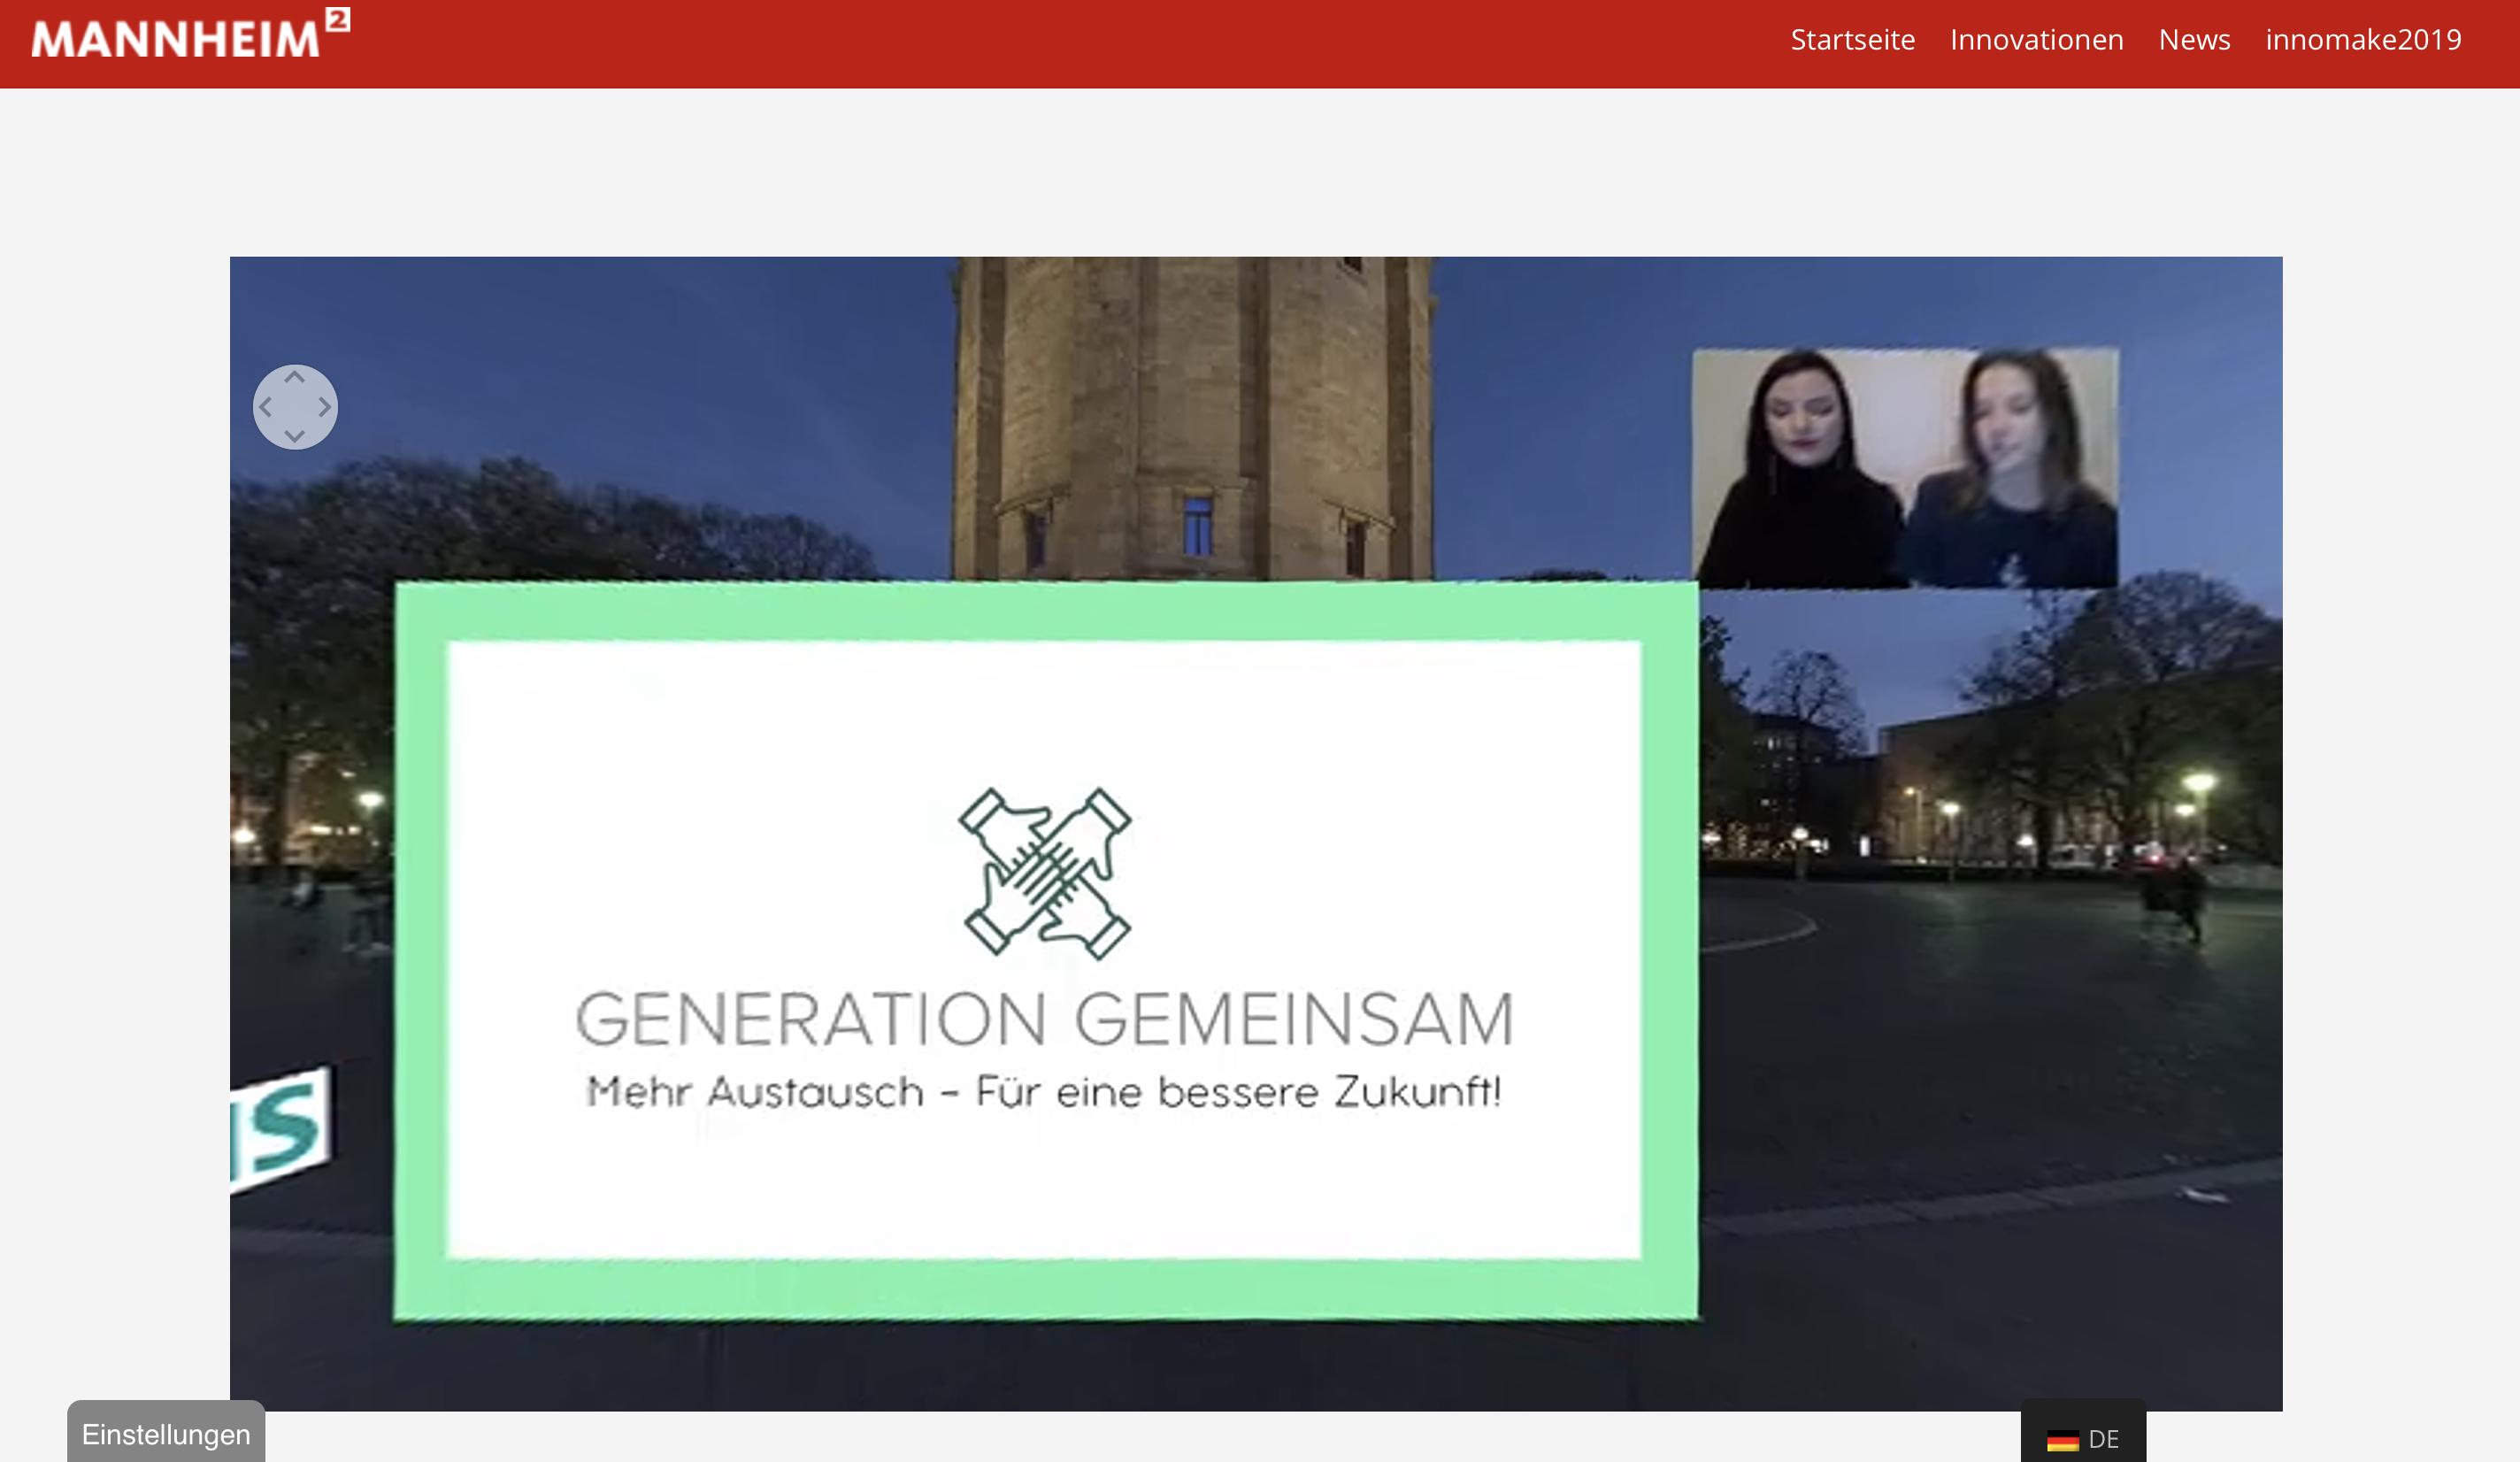 Anna Lachhammer und Elena Volz, Studentinnen an der Mannheimer Popakademie, präsentierten ihr Projekt